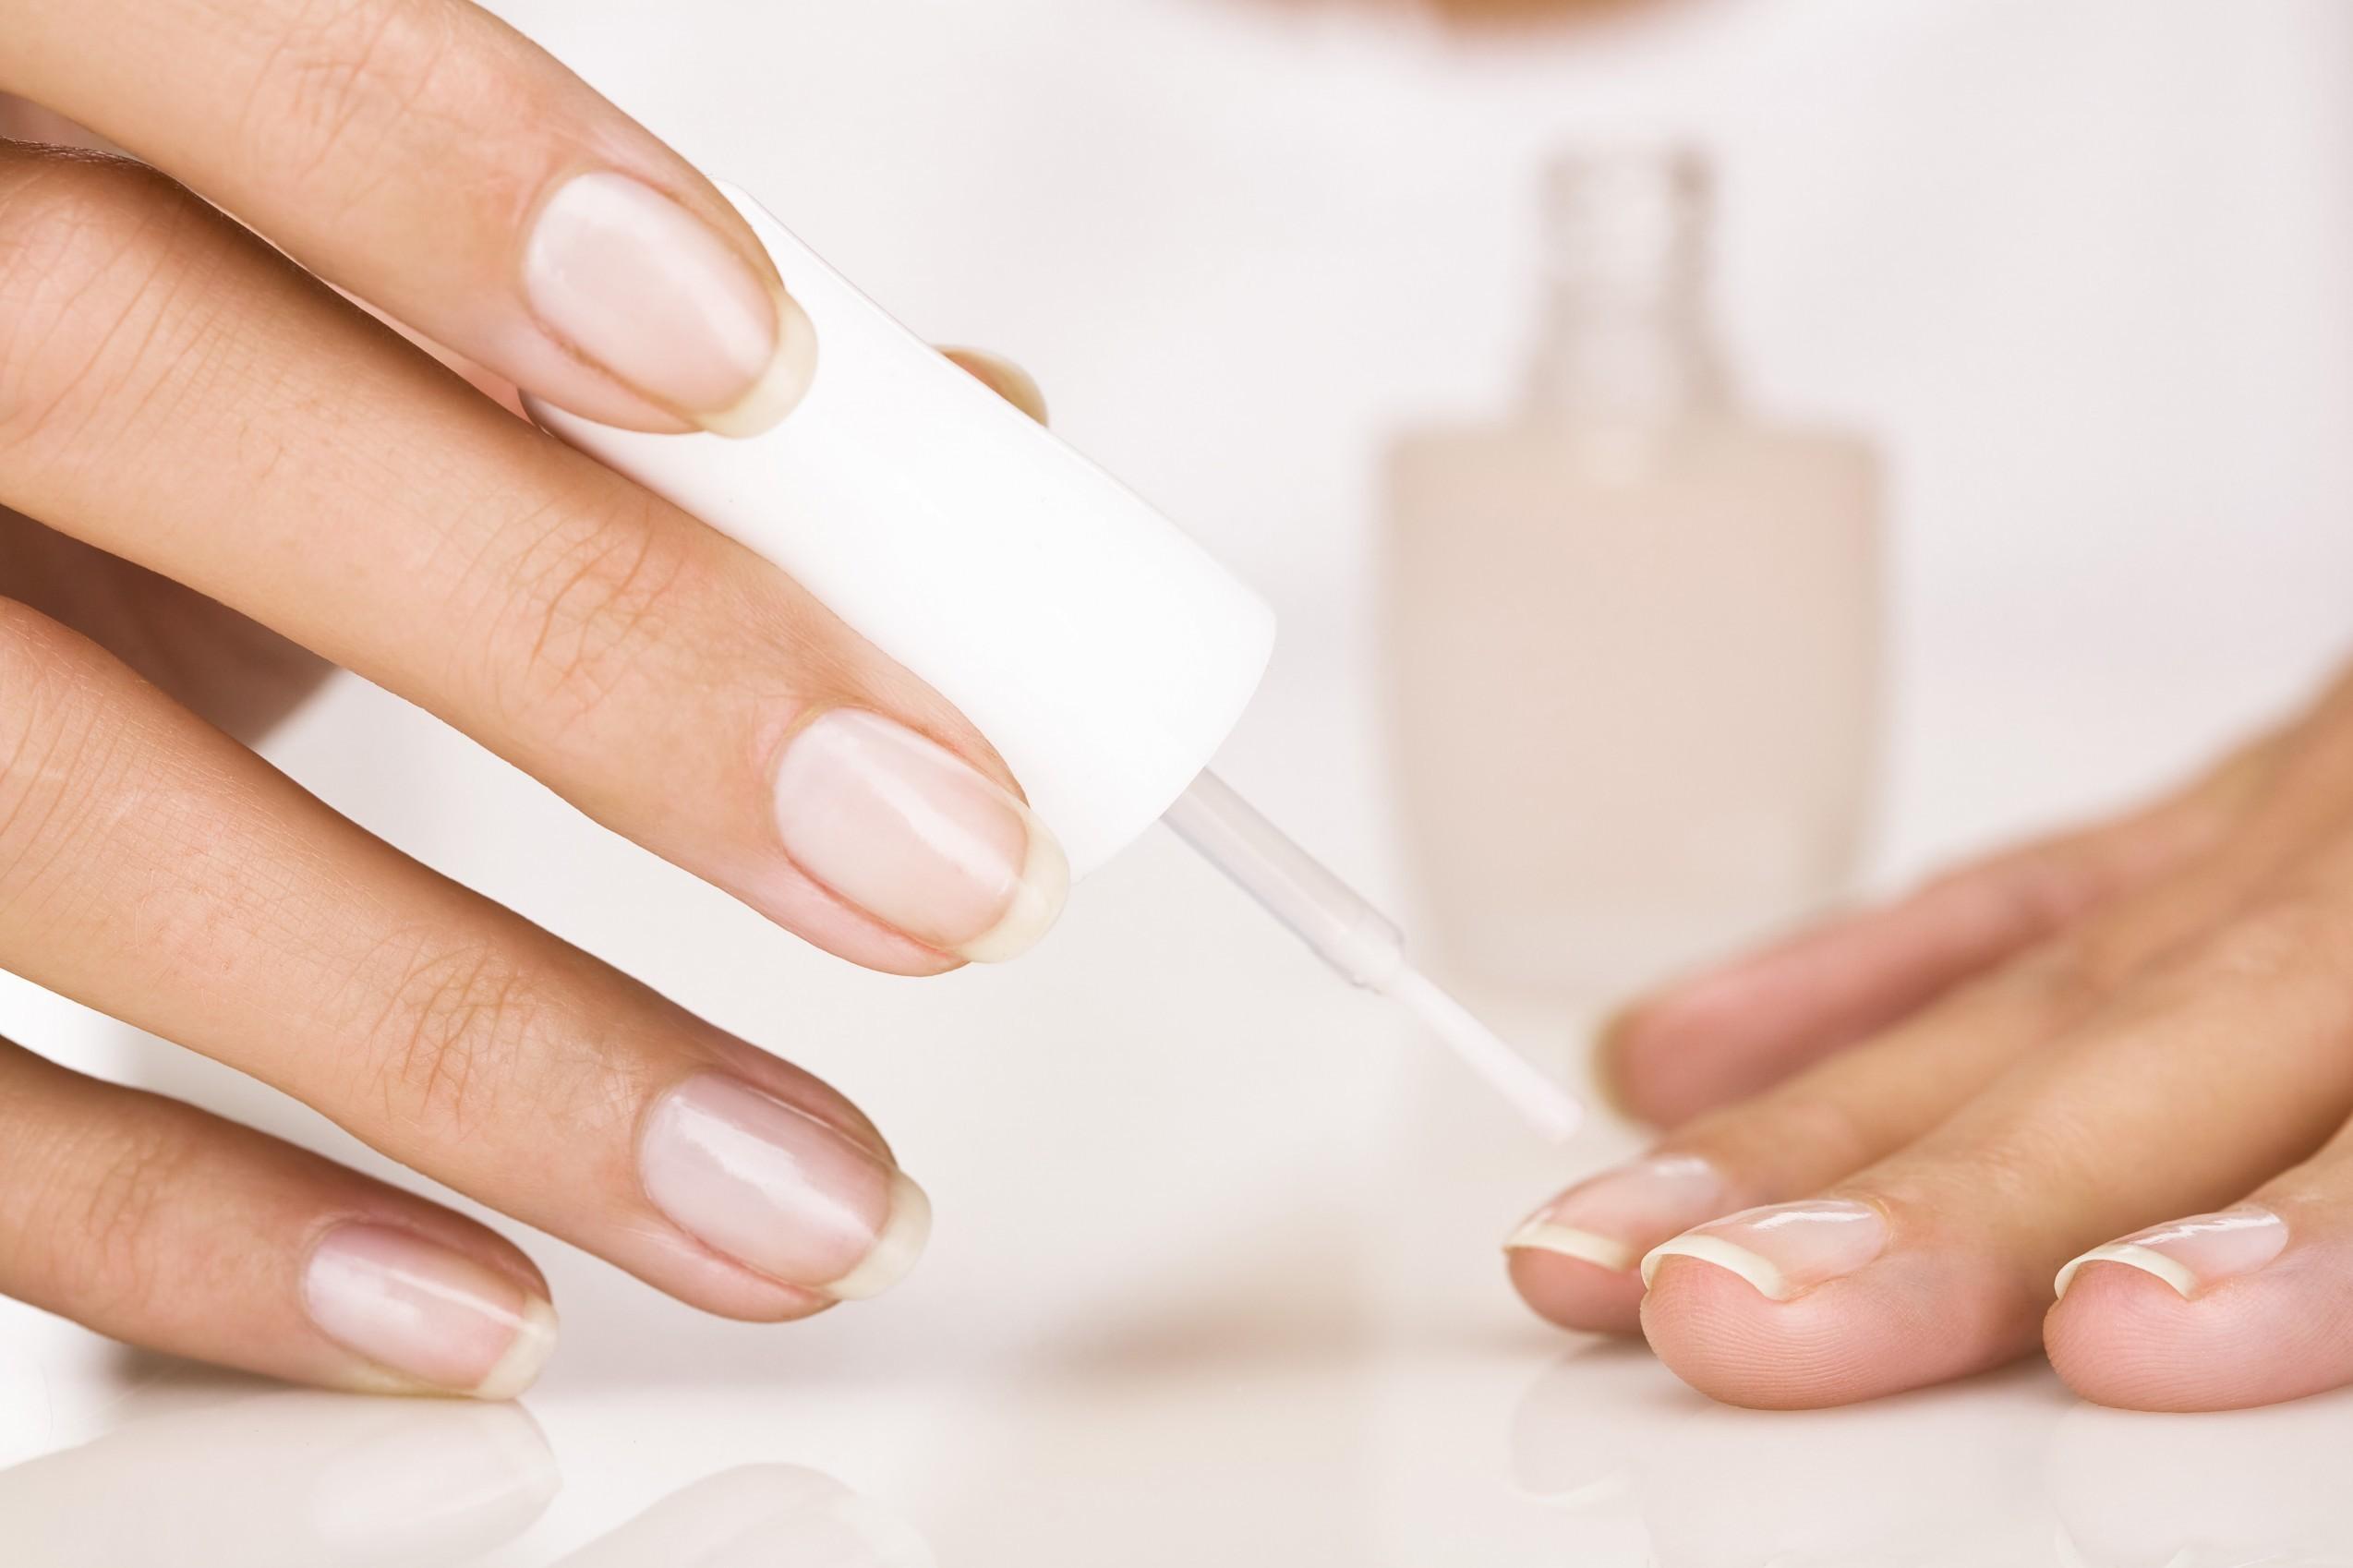 Симптомы и лечение грибка ногтей на руках